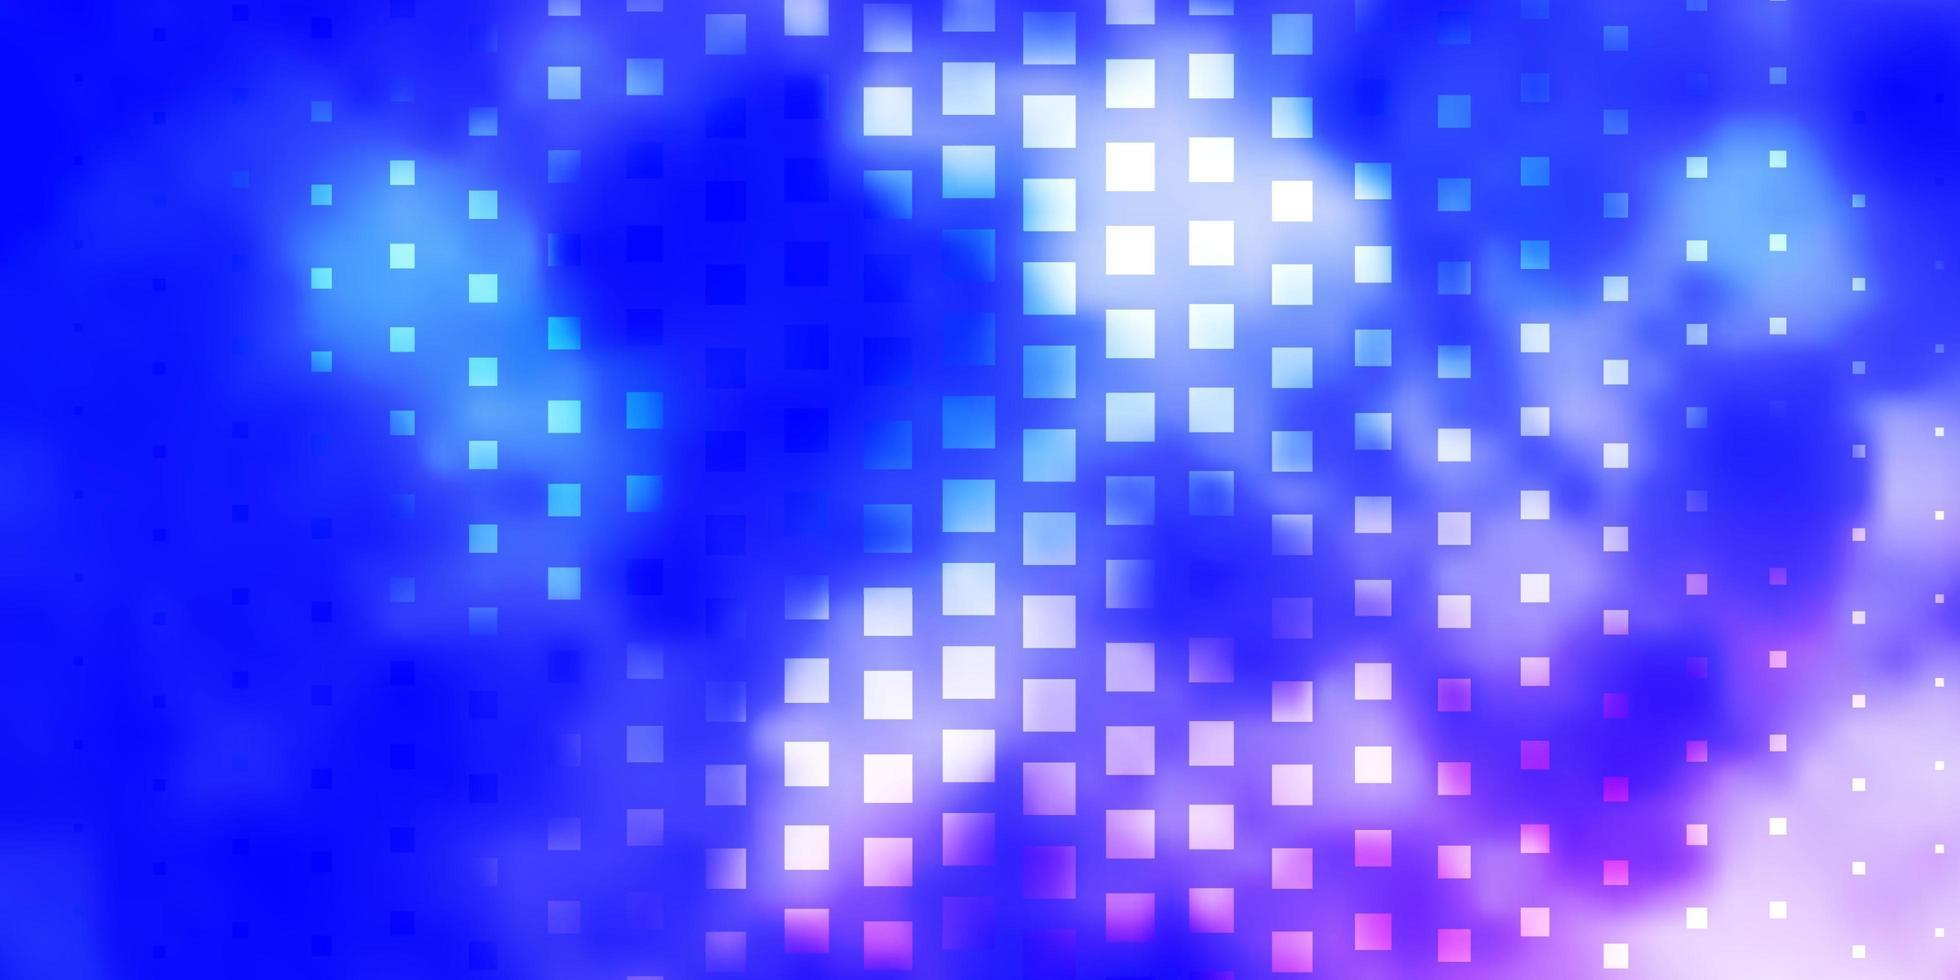 ljusrosa, blå vektorlayout med linjer, rektanglar. vektor